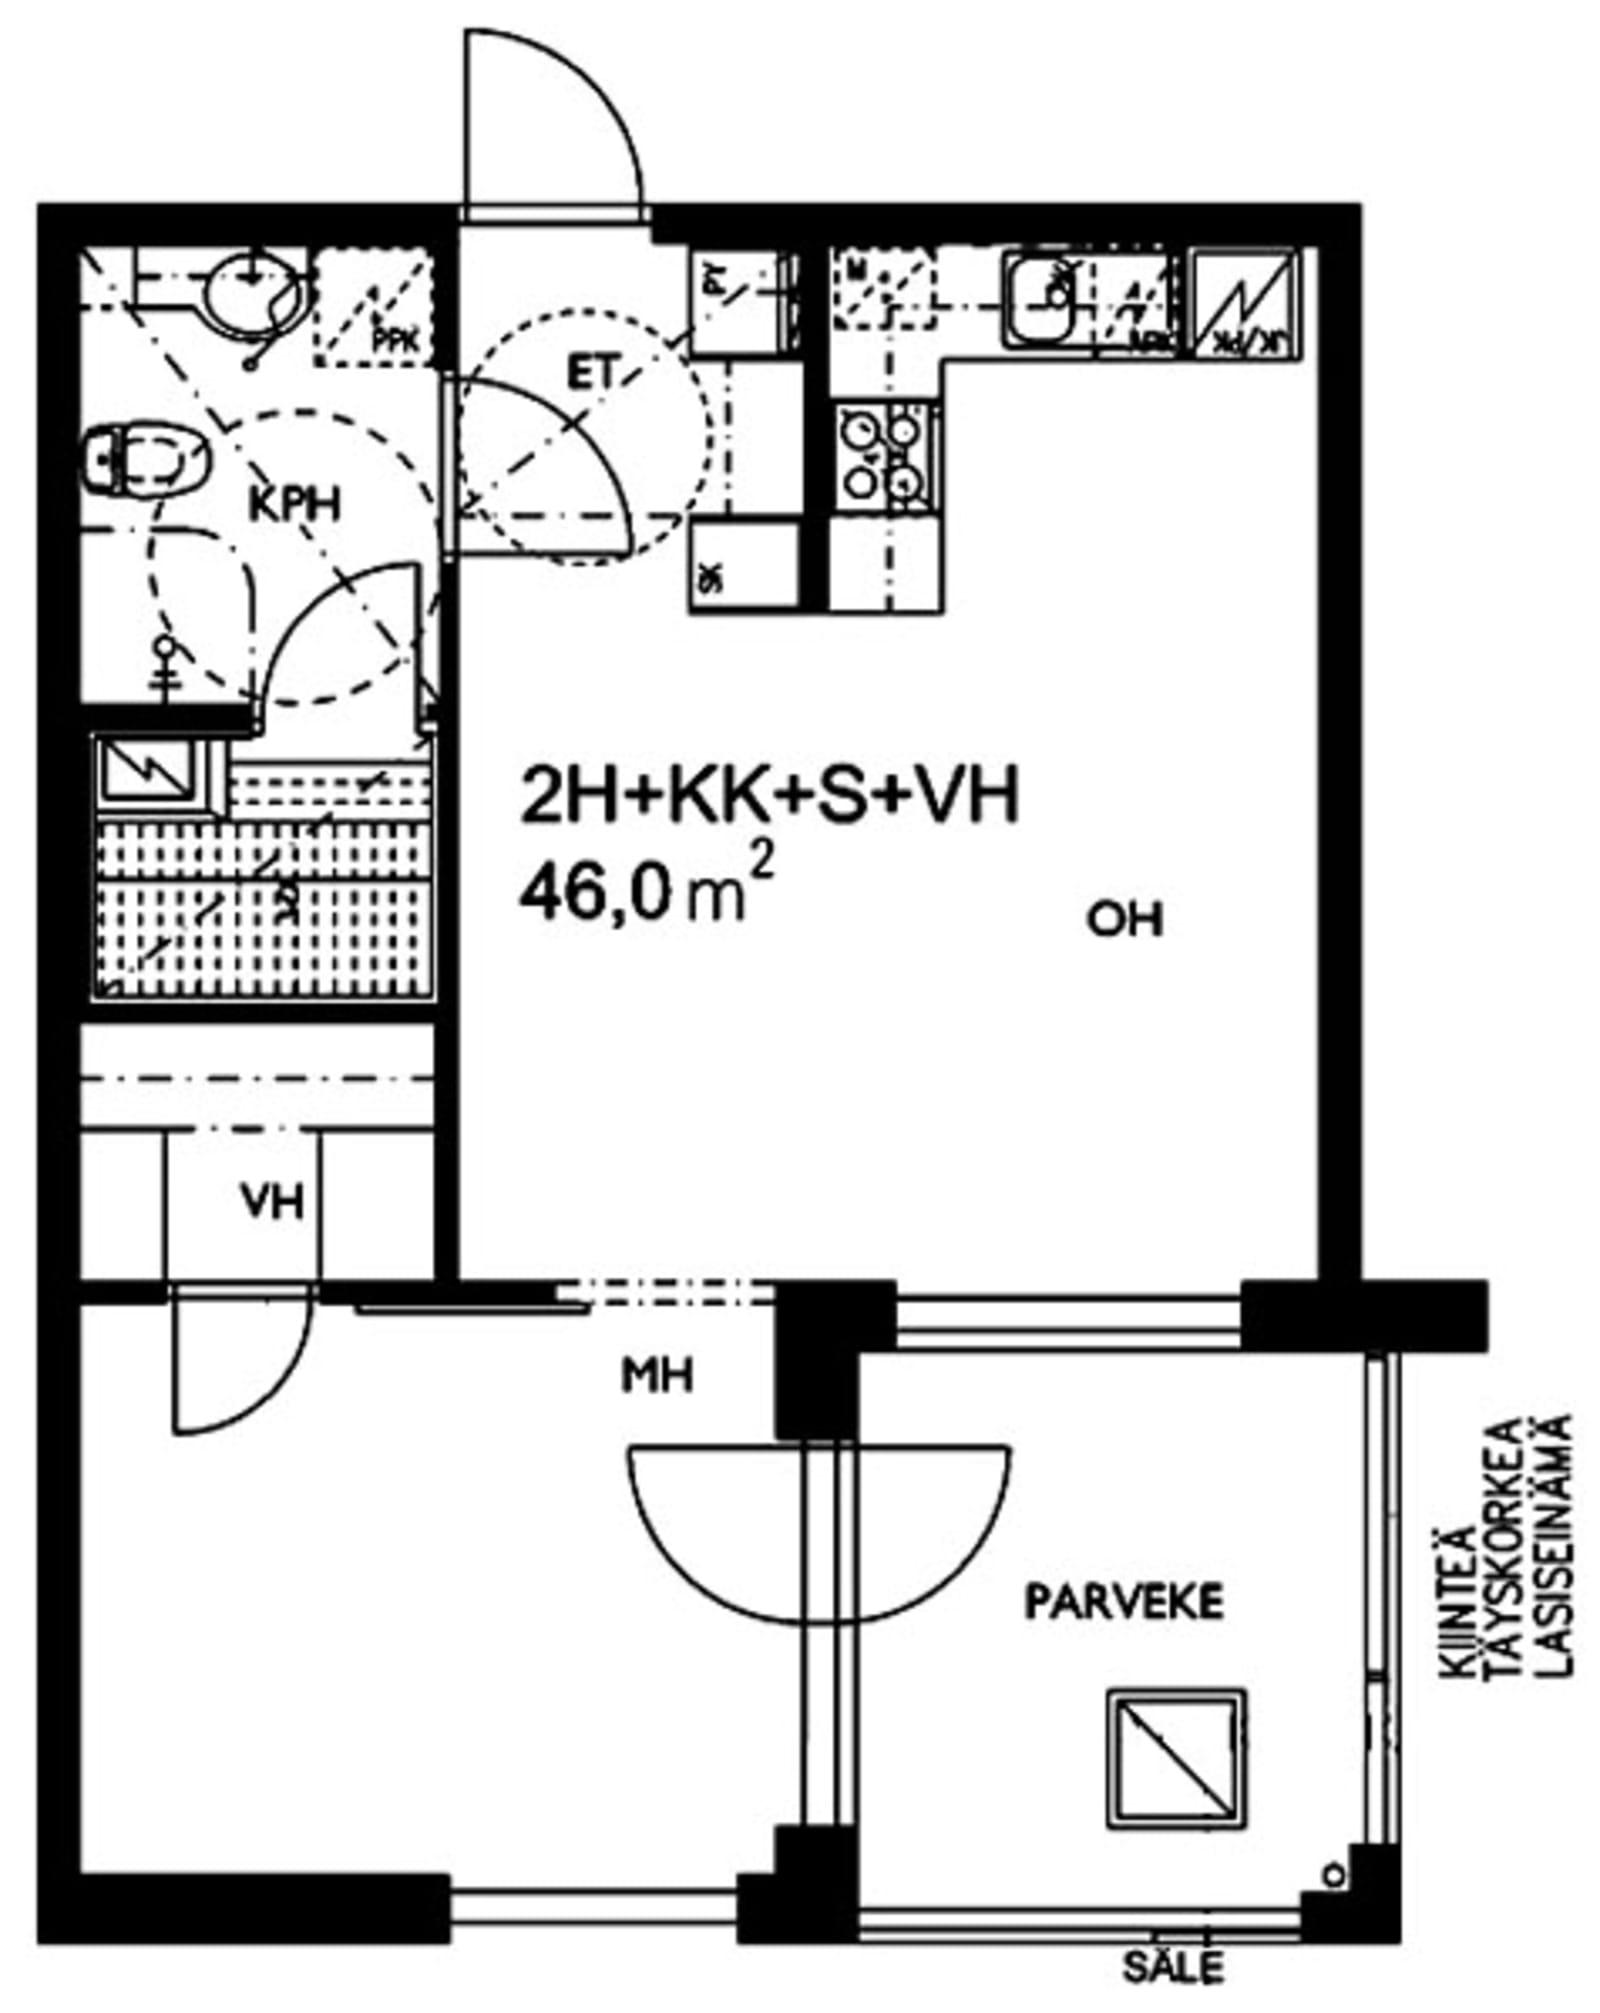 Espoo, Matinkylä, Nelikkokuja 12 A 008